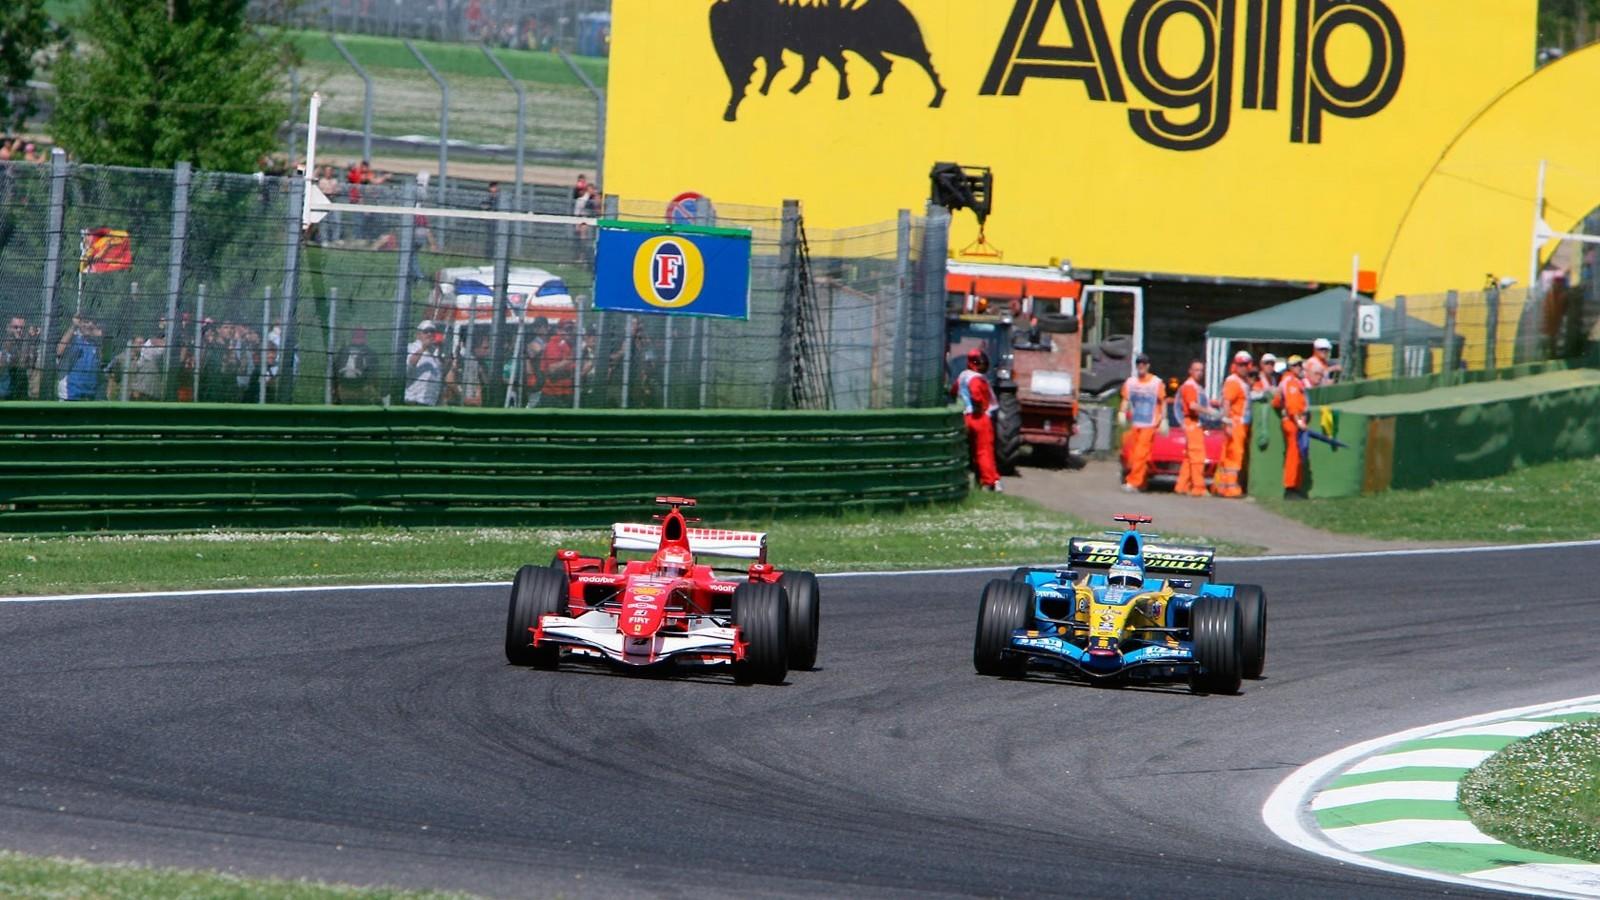 Сейчас руководство трассы в Имоле делает всё для того, чтобы Ф-1 вернулась в Сан-Марино